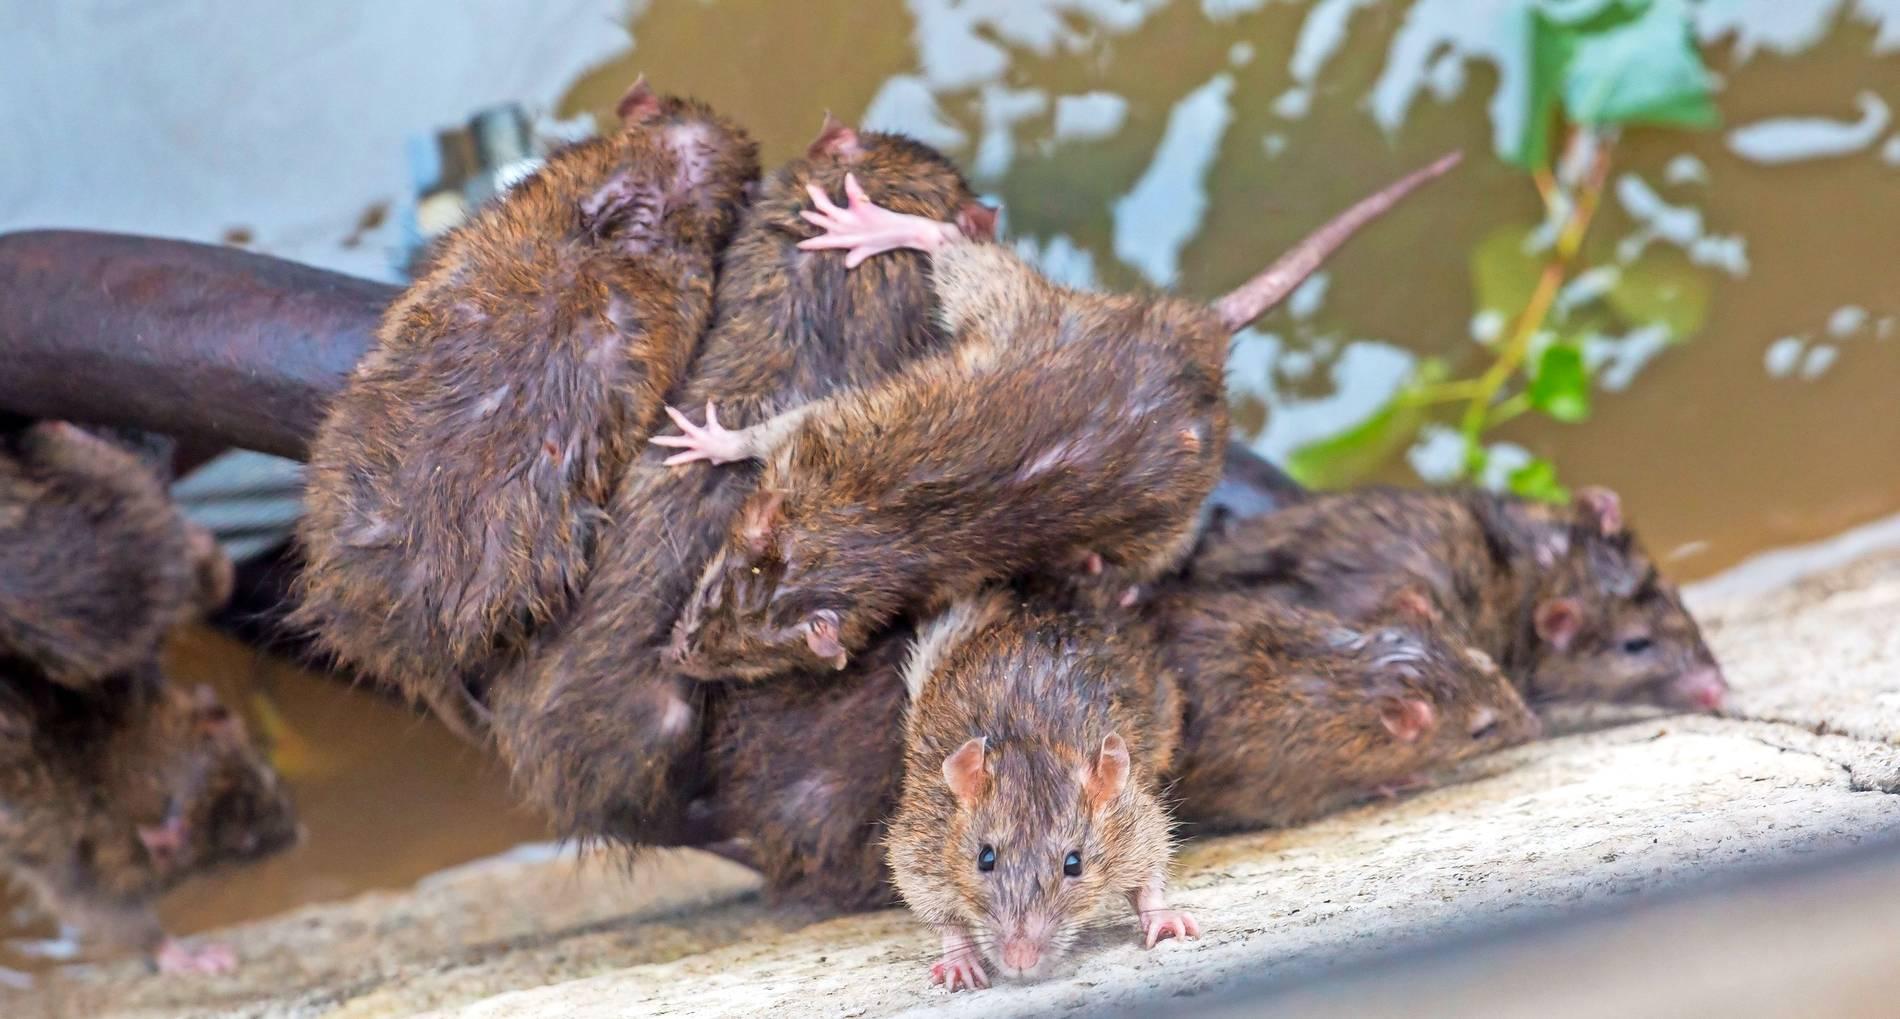 Springen Ratten Menschen An